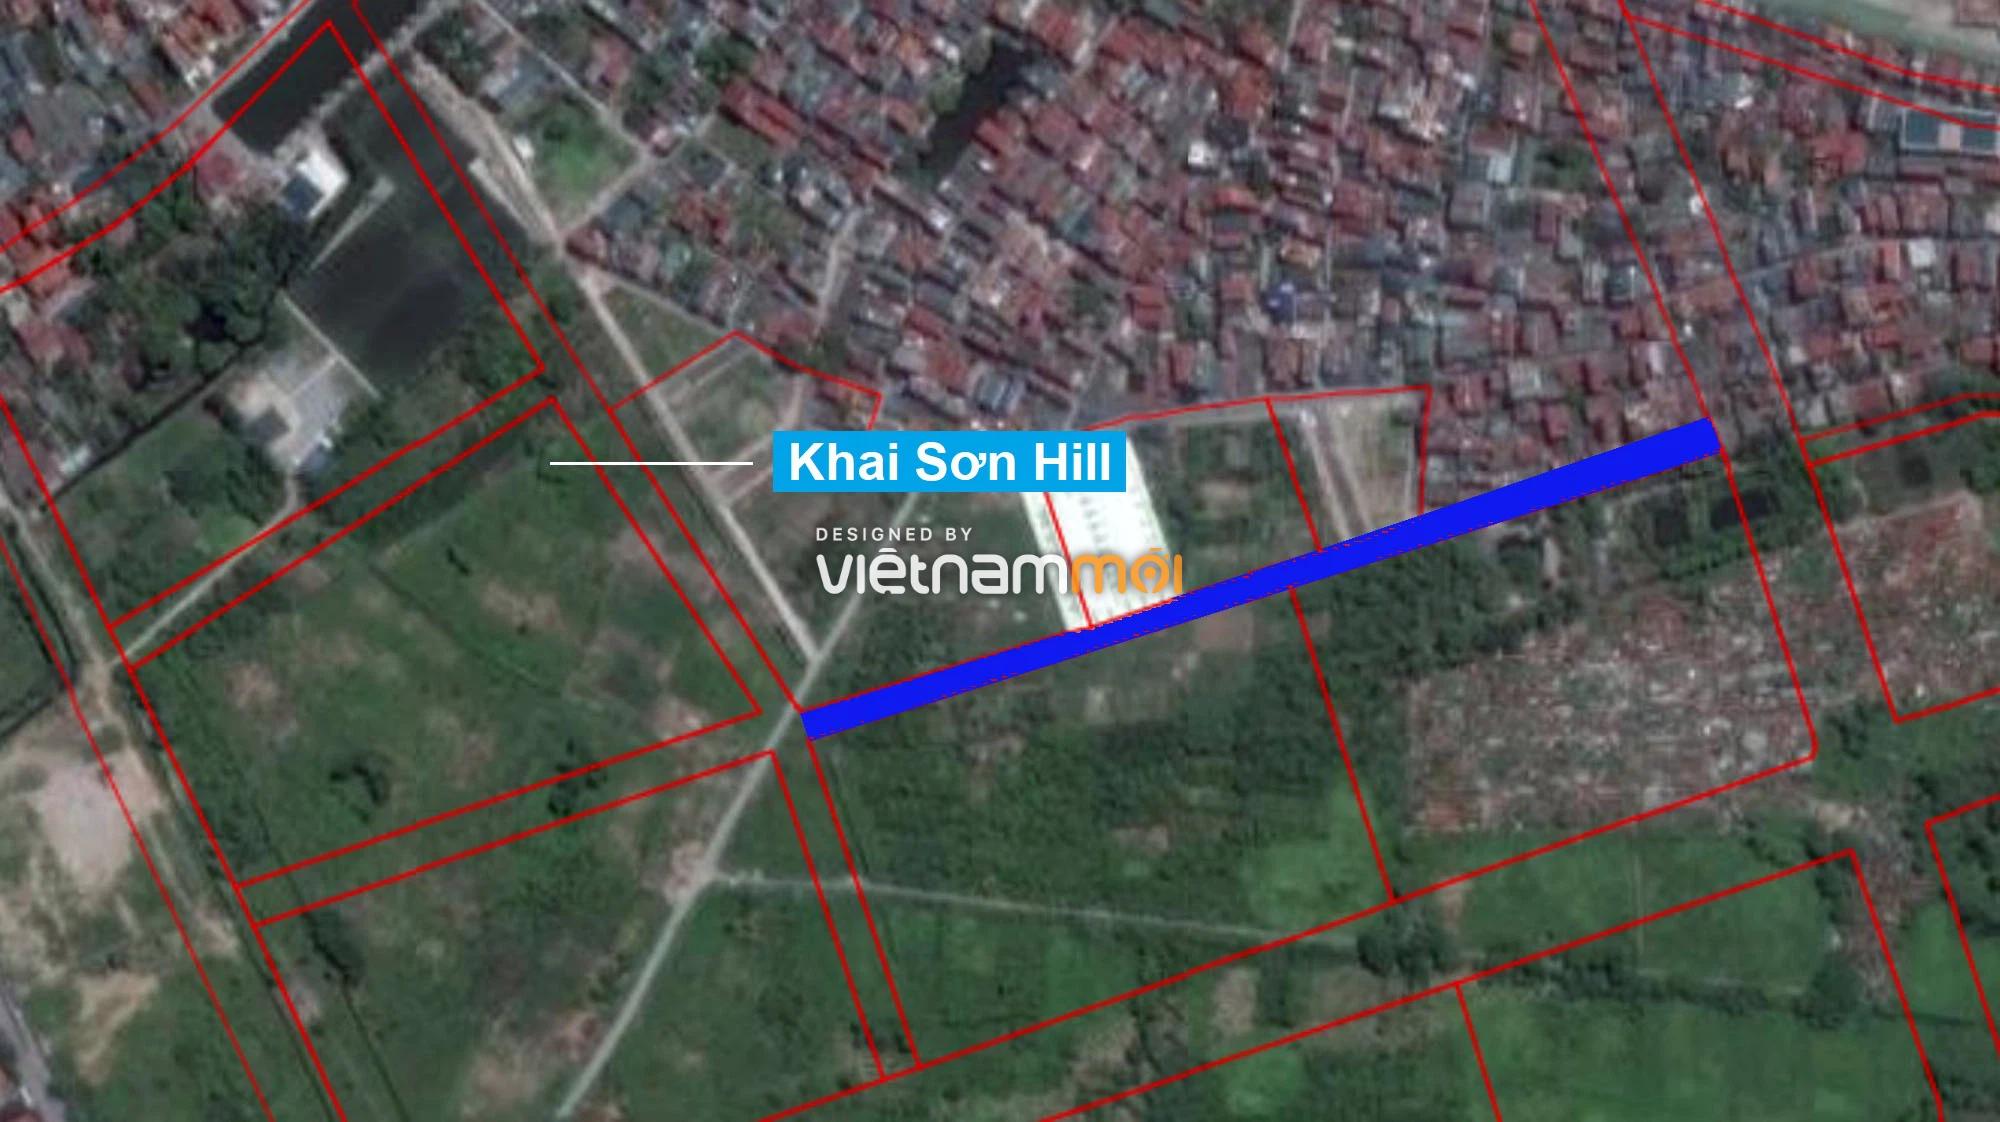 Những khu đất sắp thu hồi để mở đường ở phường Ngọc Thụy, Long Biên, Hà Nội (phần 1) - Ảnh 7.